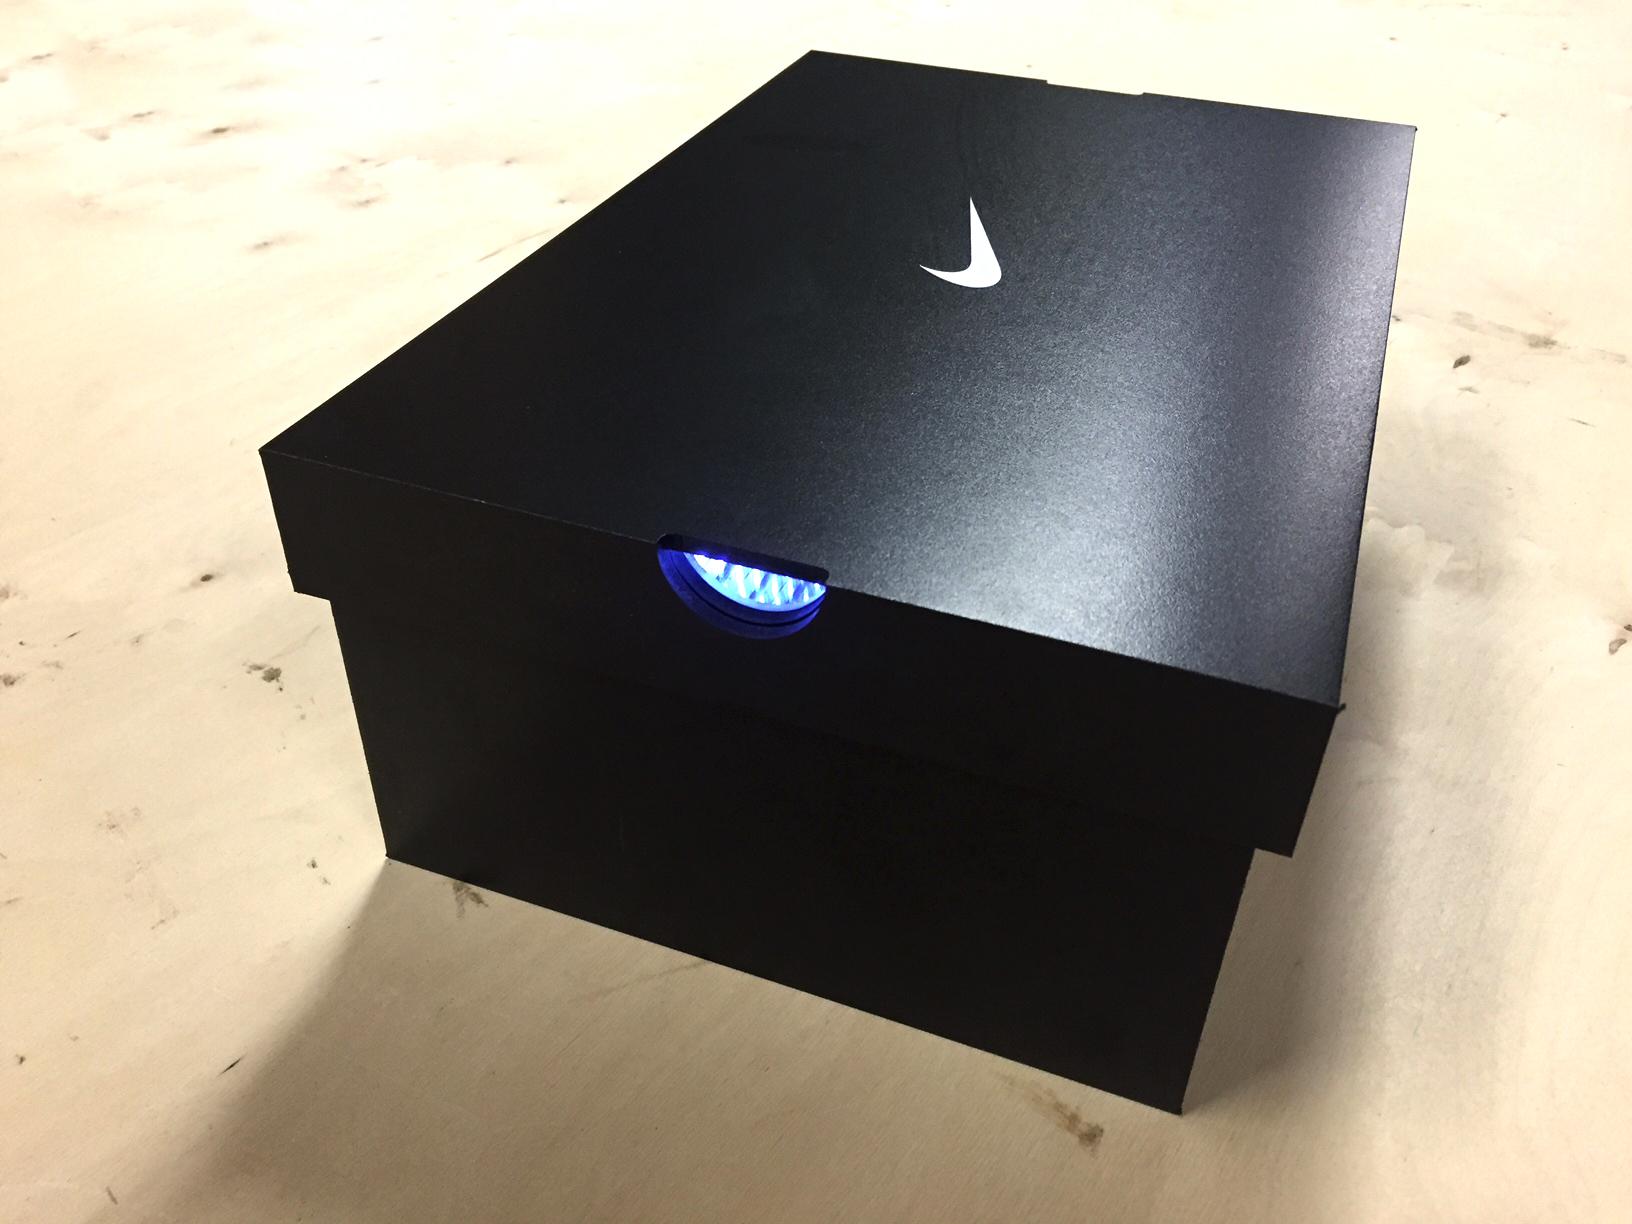 Nike shoe box5.JPG